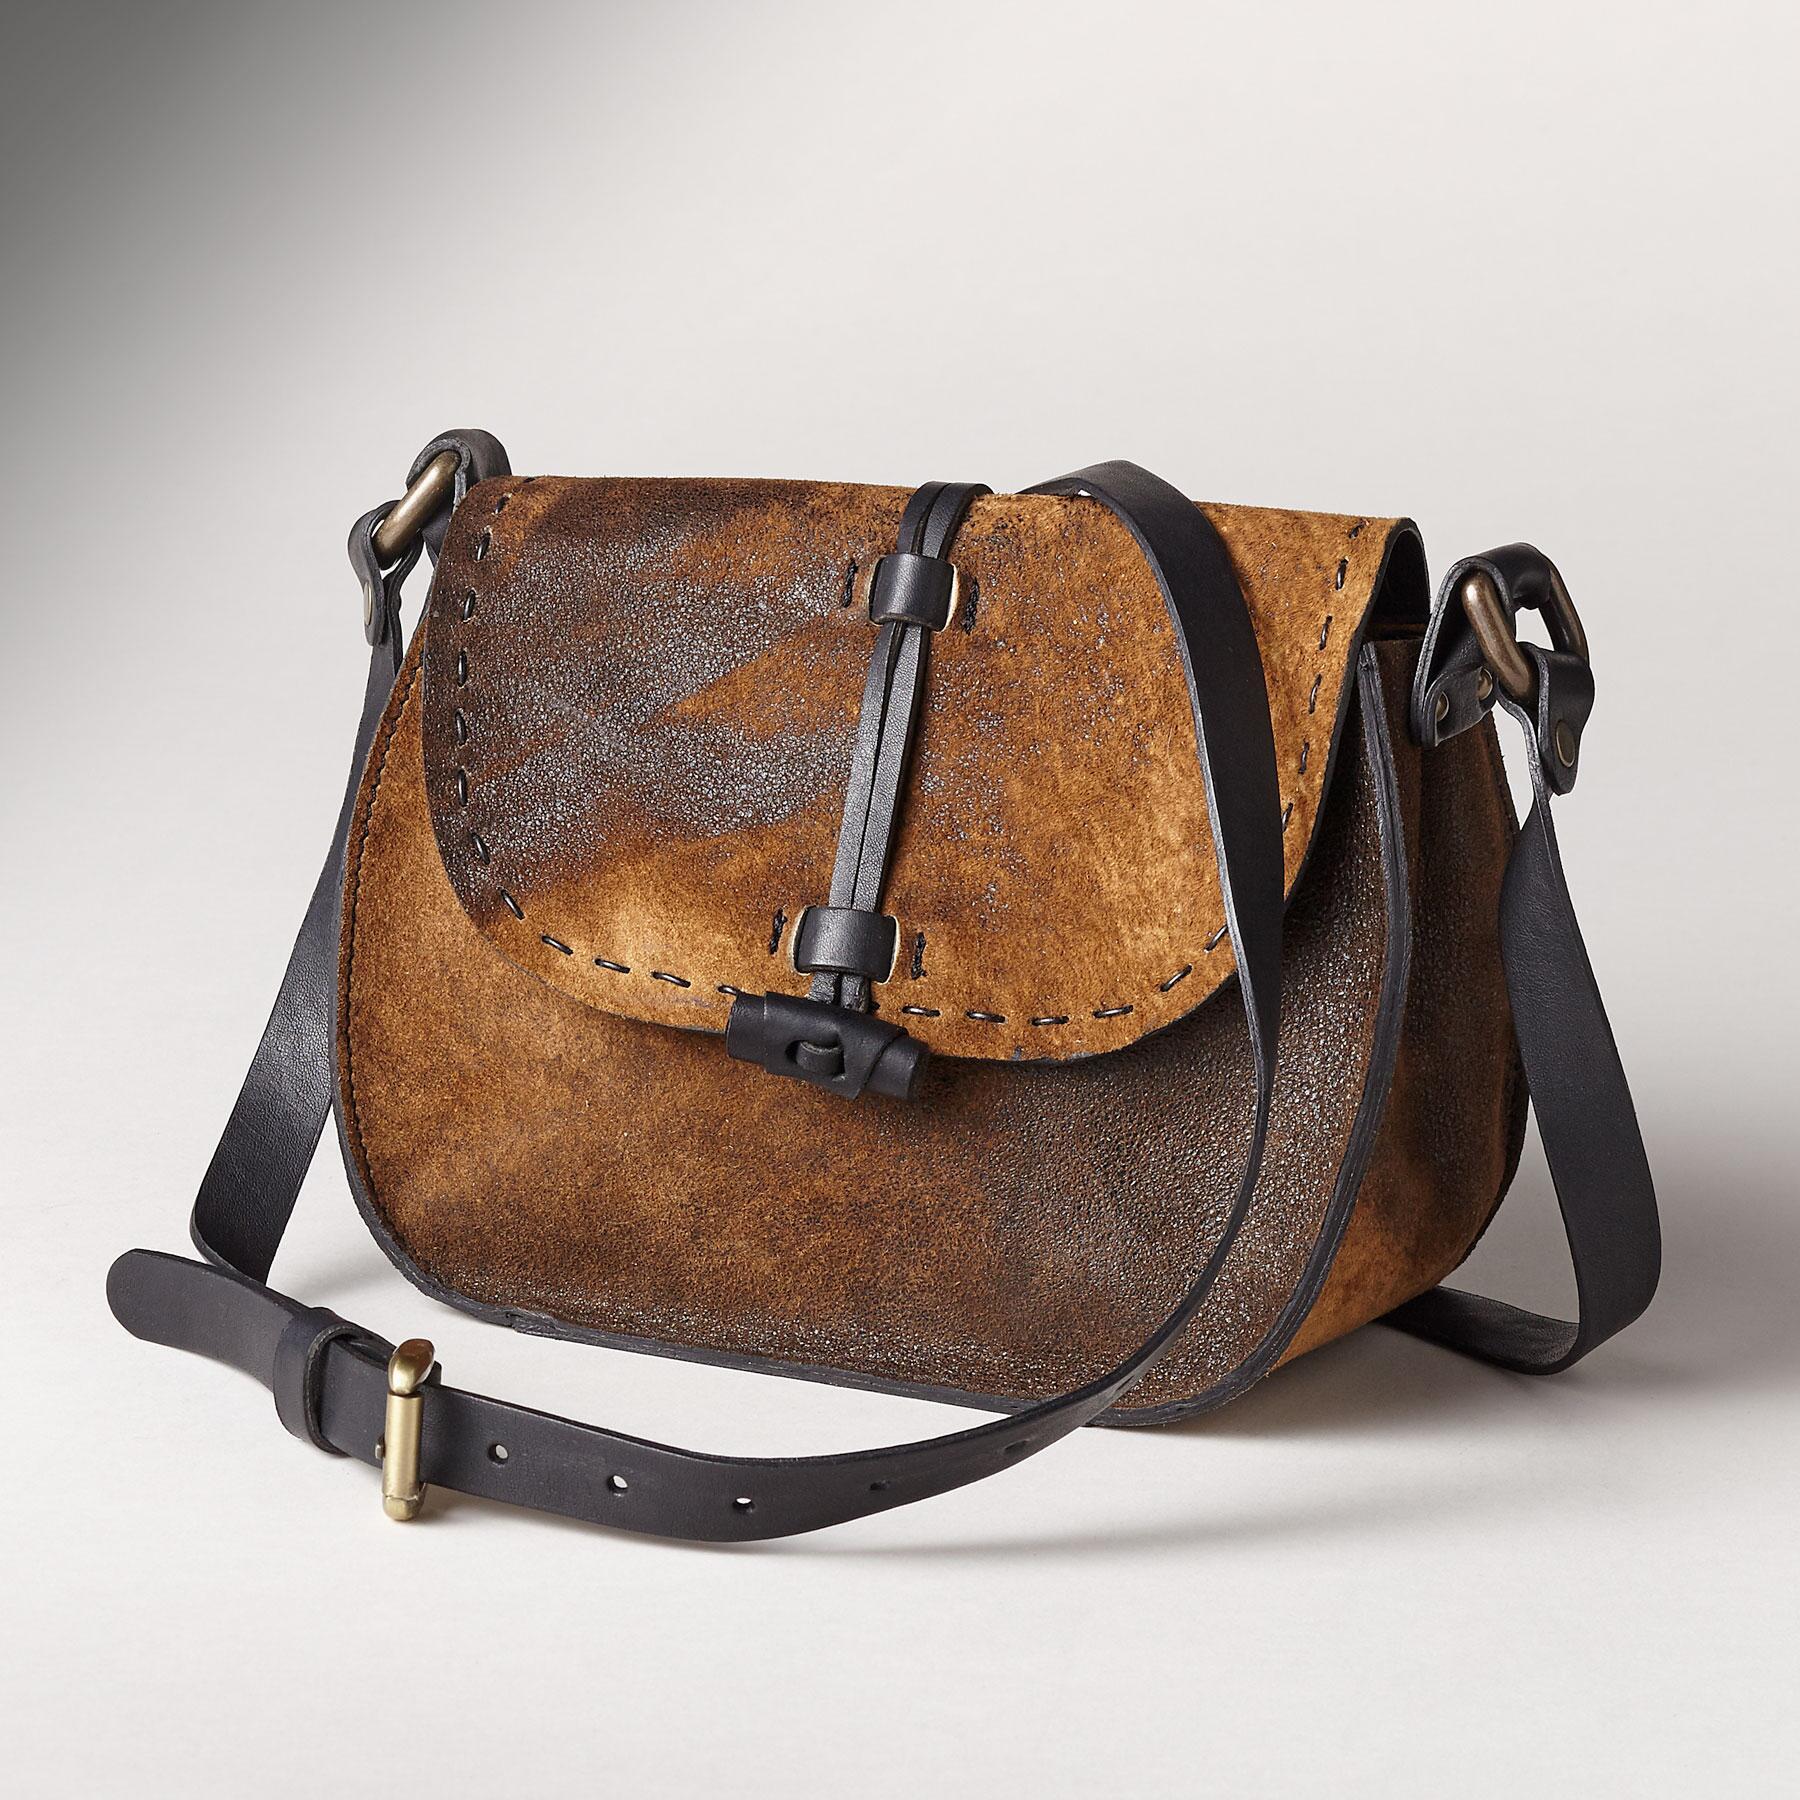 Petite Sling Bag: View 1